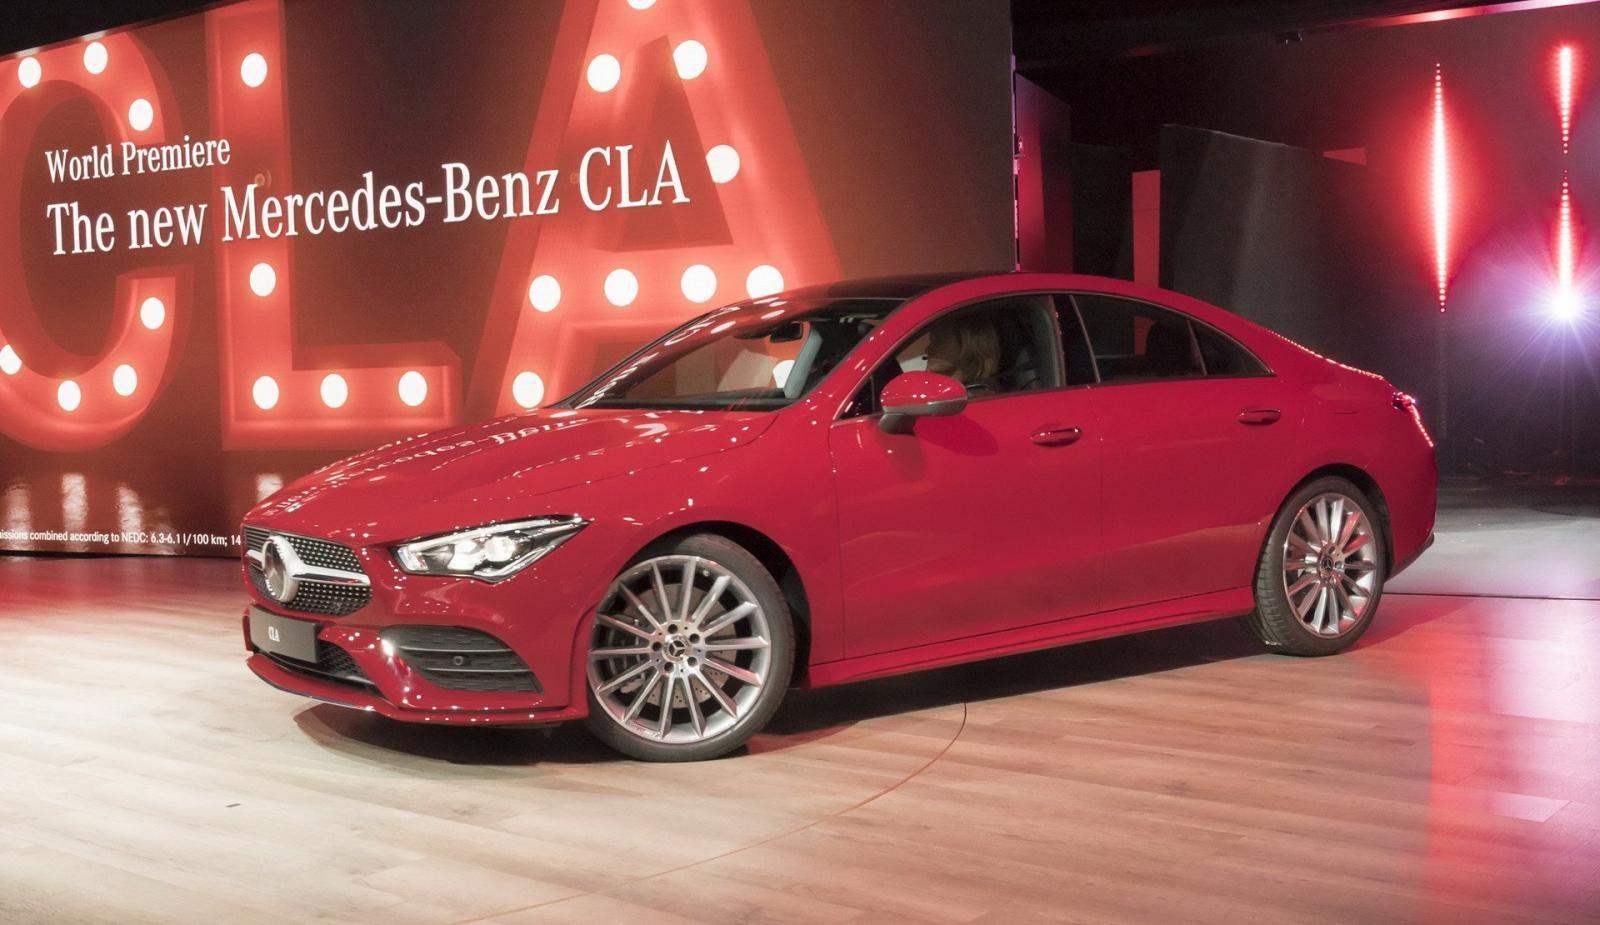 Mercedes CLA Coupe thế hệ mới sẽ rộng hơn so với người tiền nhiệm